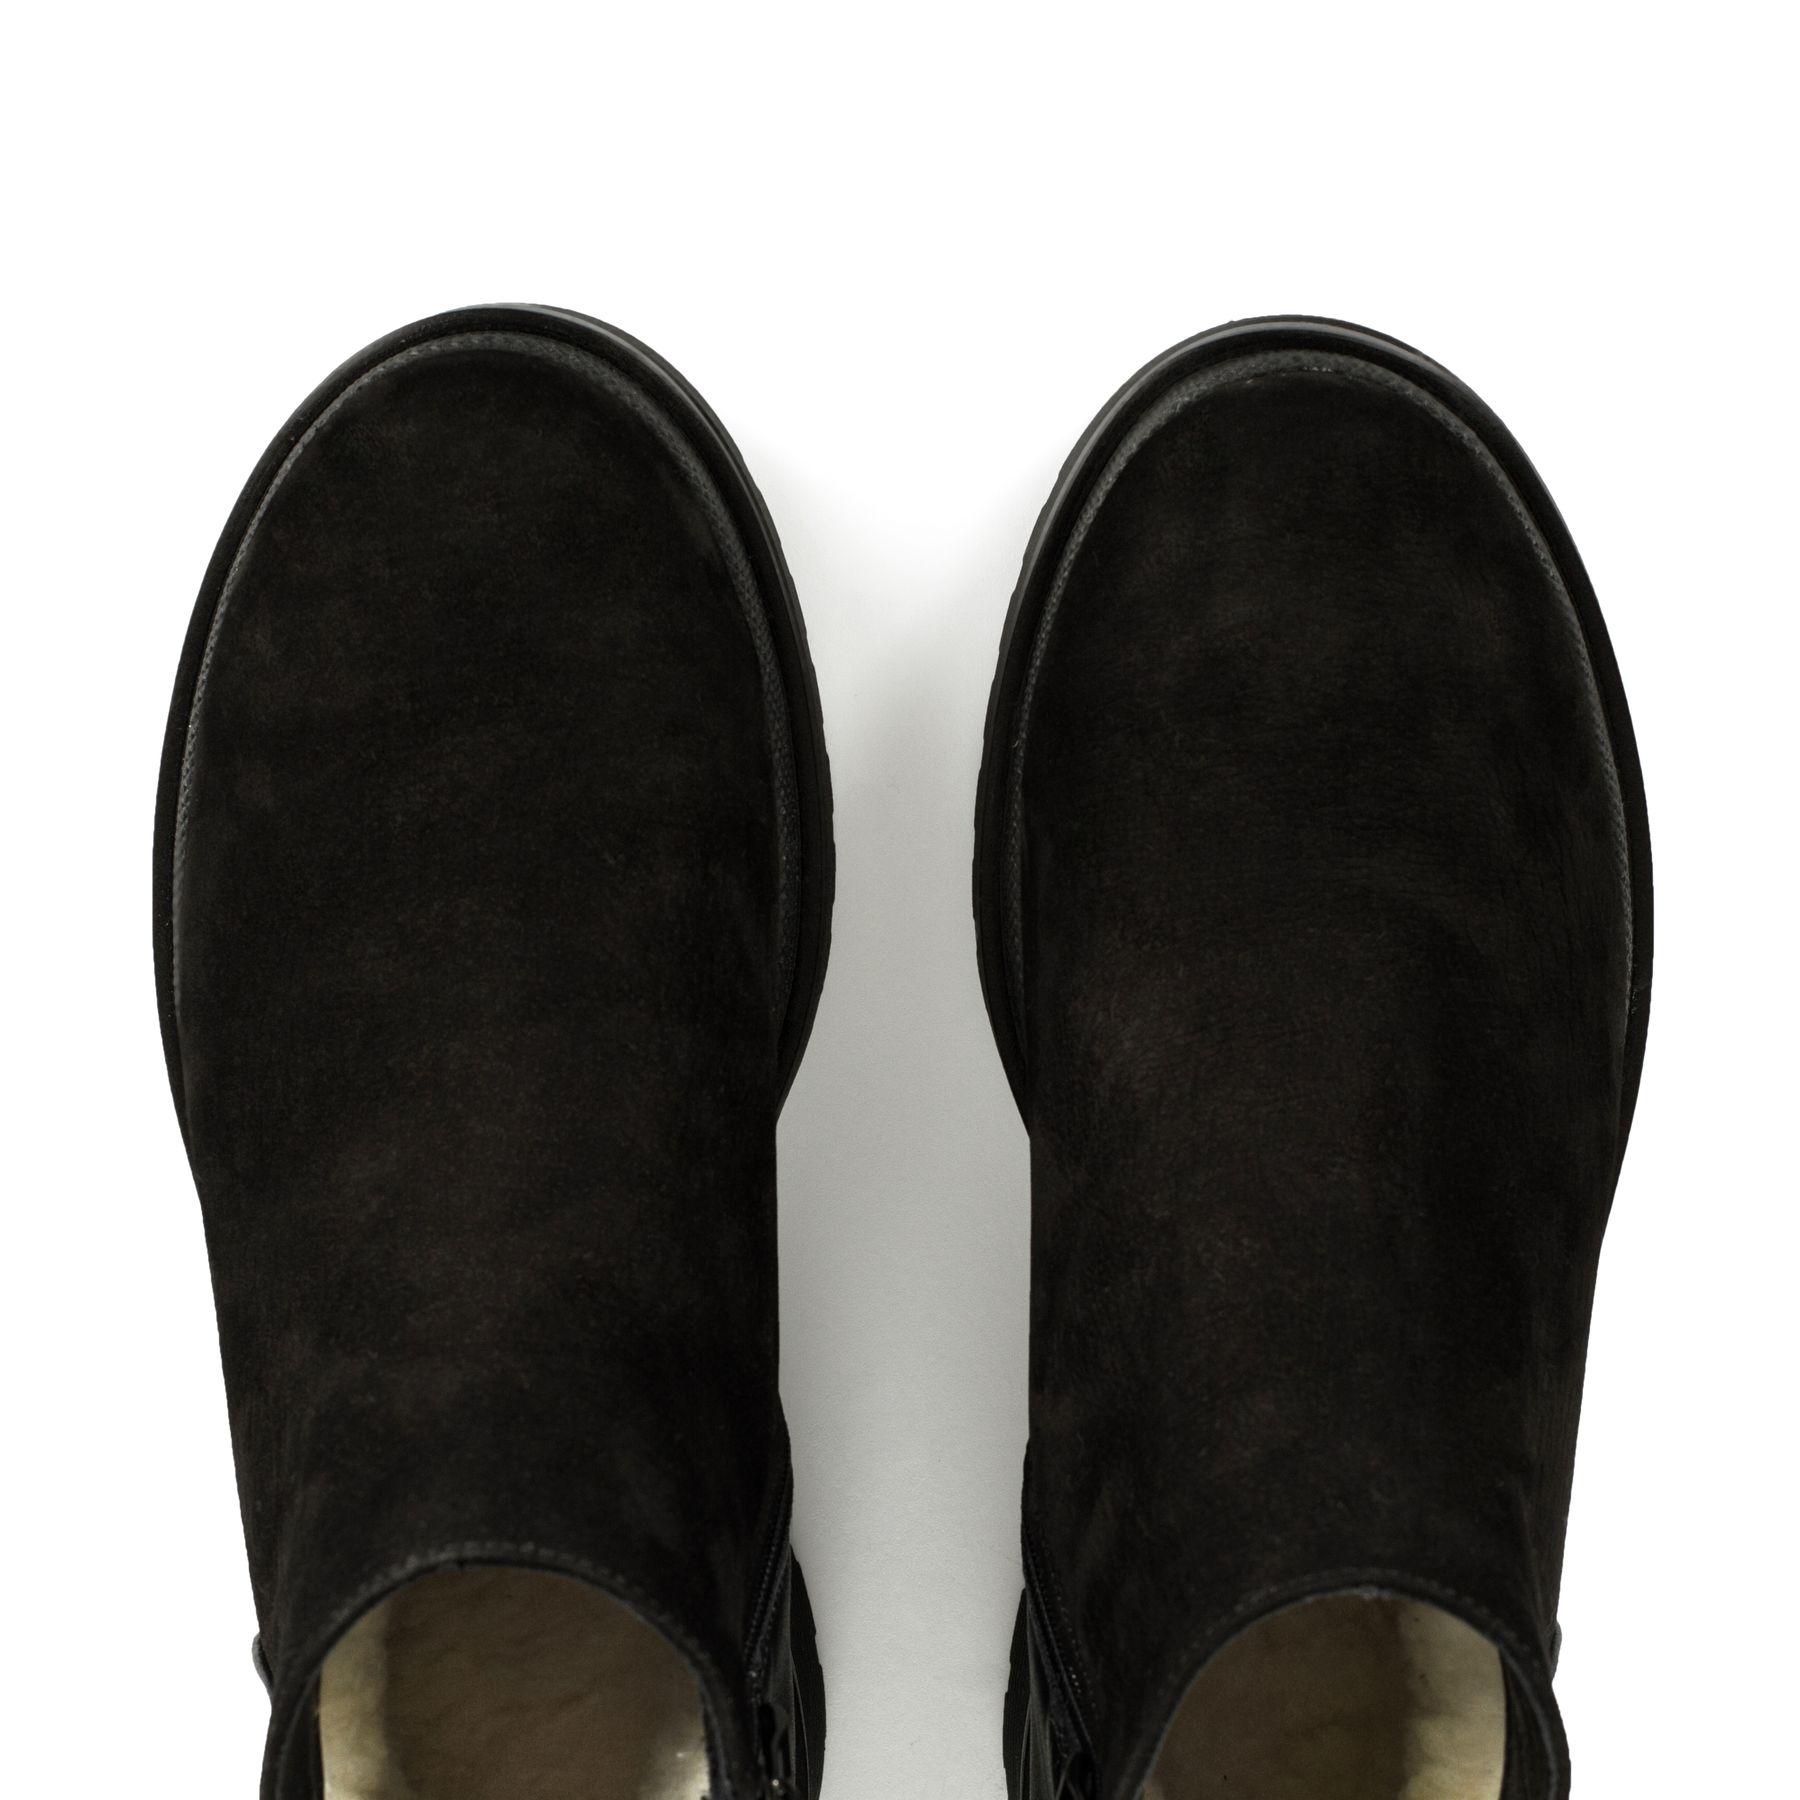 Короткі черевики з нубуку купити в інтернет-магазині Wladna ... 53d32b121b017